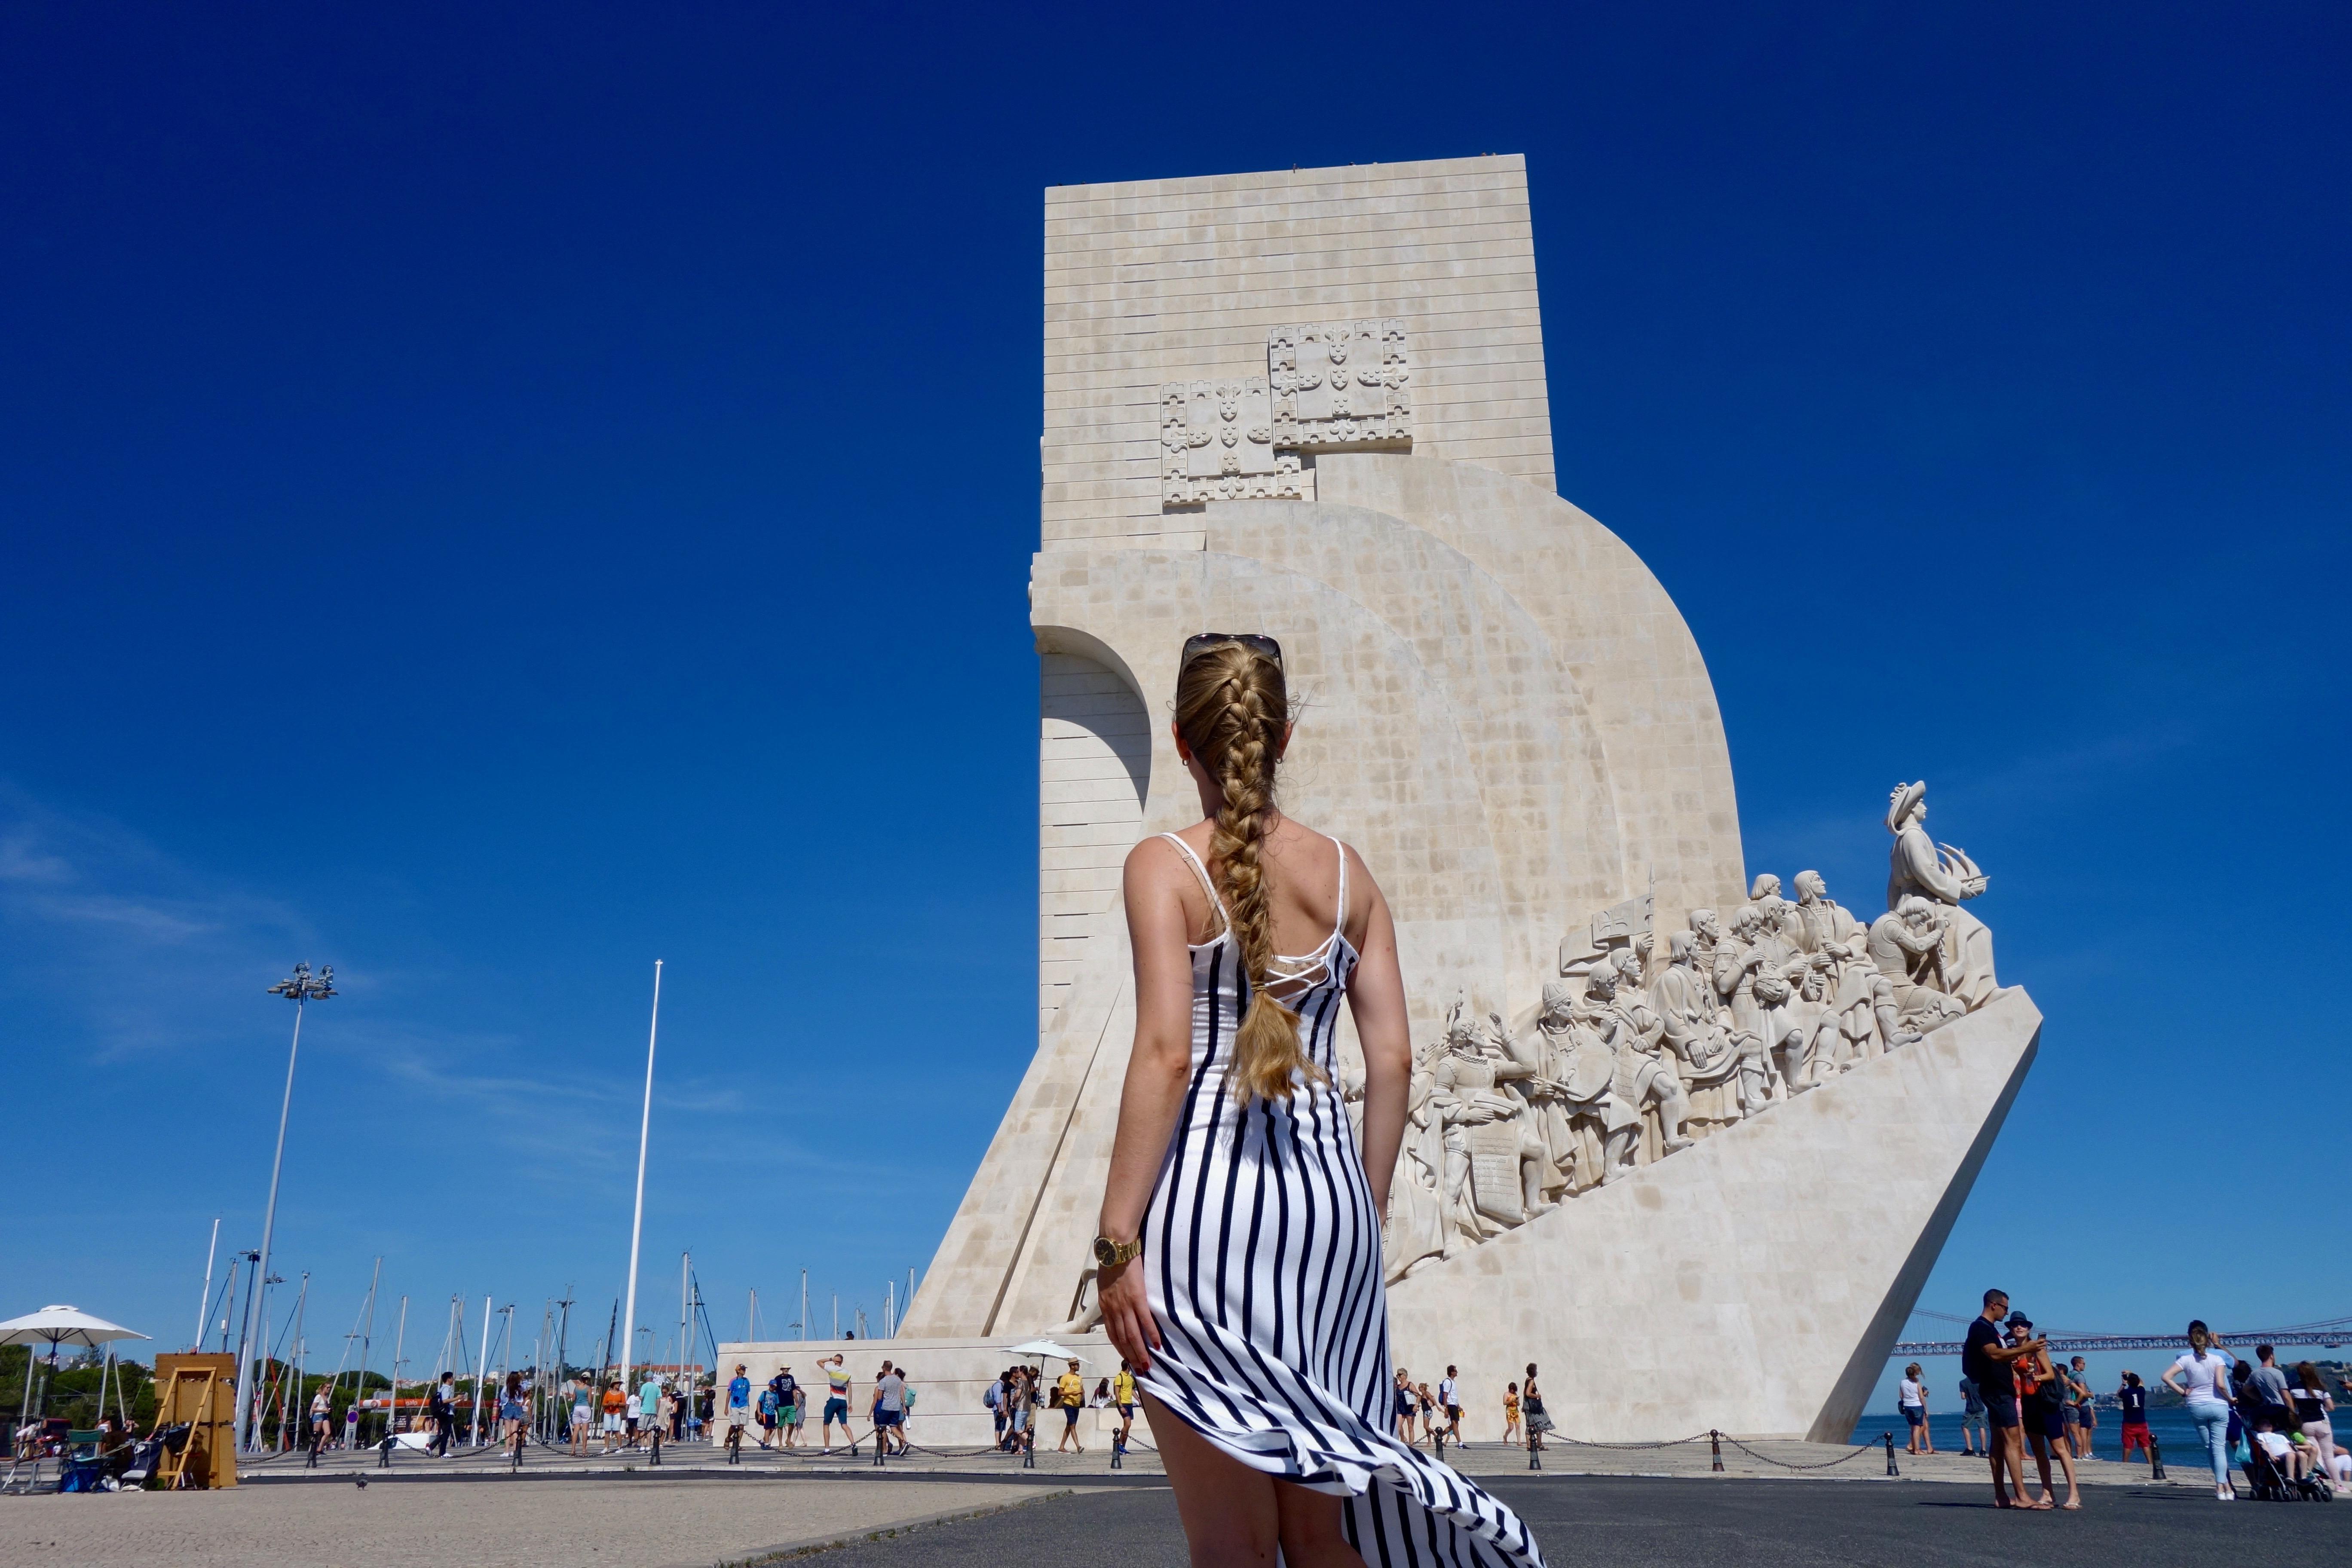 Lissabon : Monumento to the discoveries (padrão dos Descobrimentos)